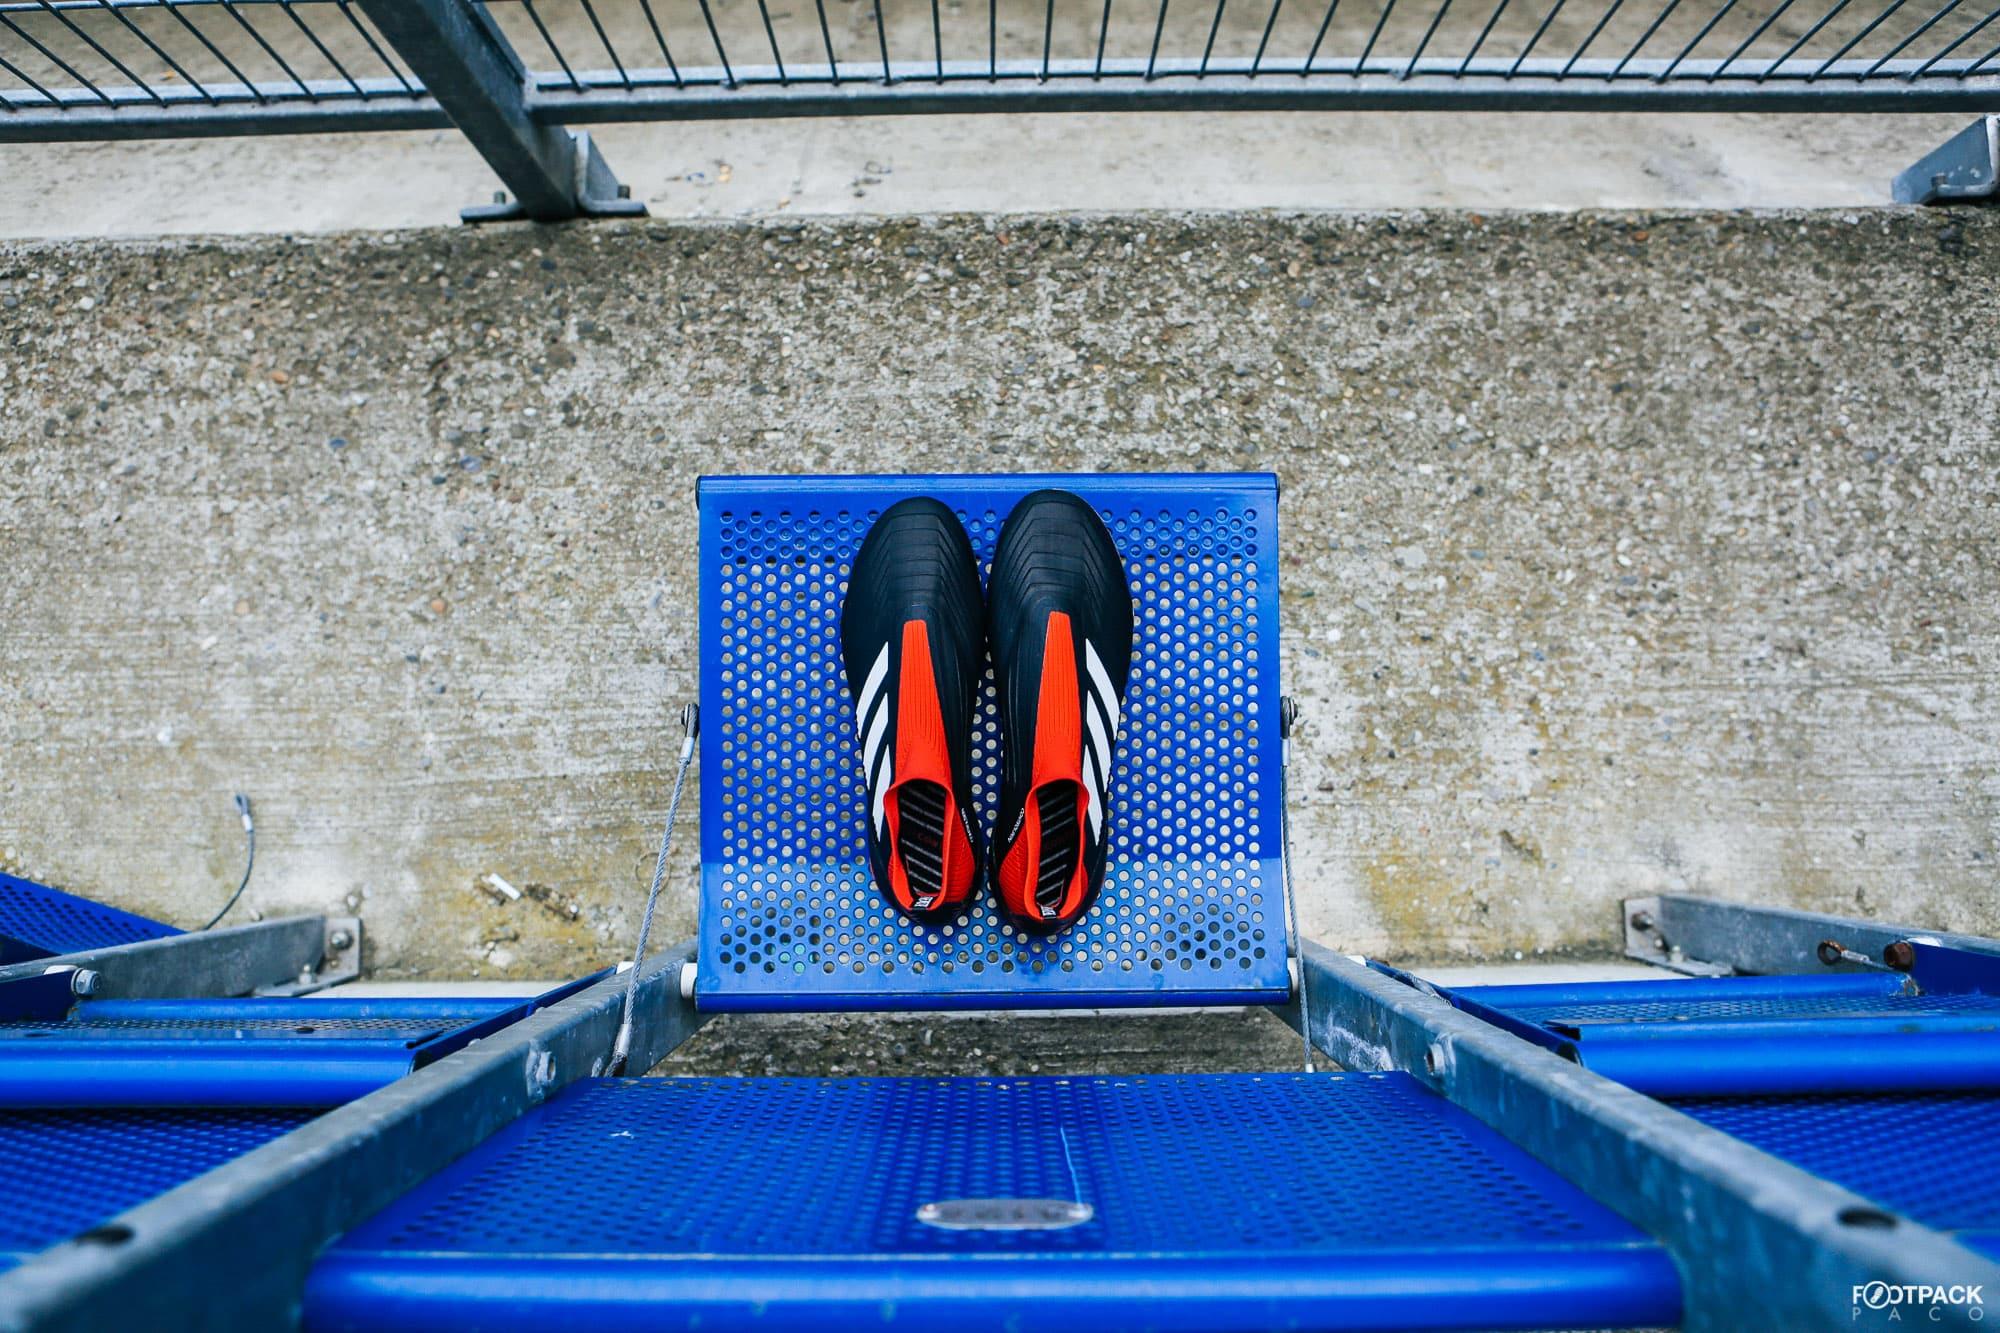 chaussures-football-adidas-predator-team-mode-juillet-2018-1